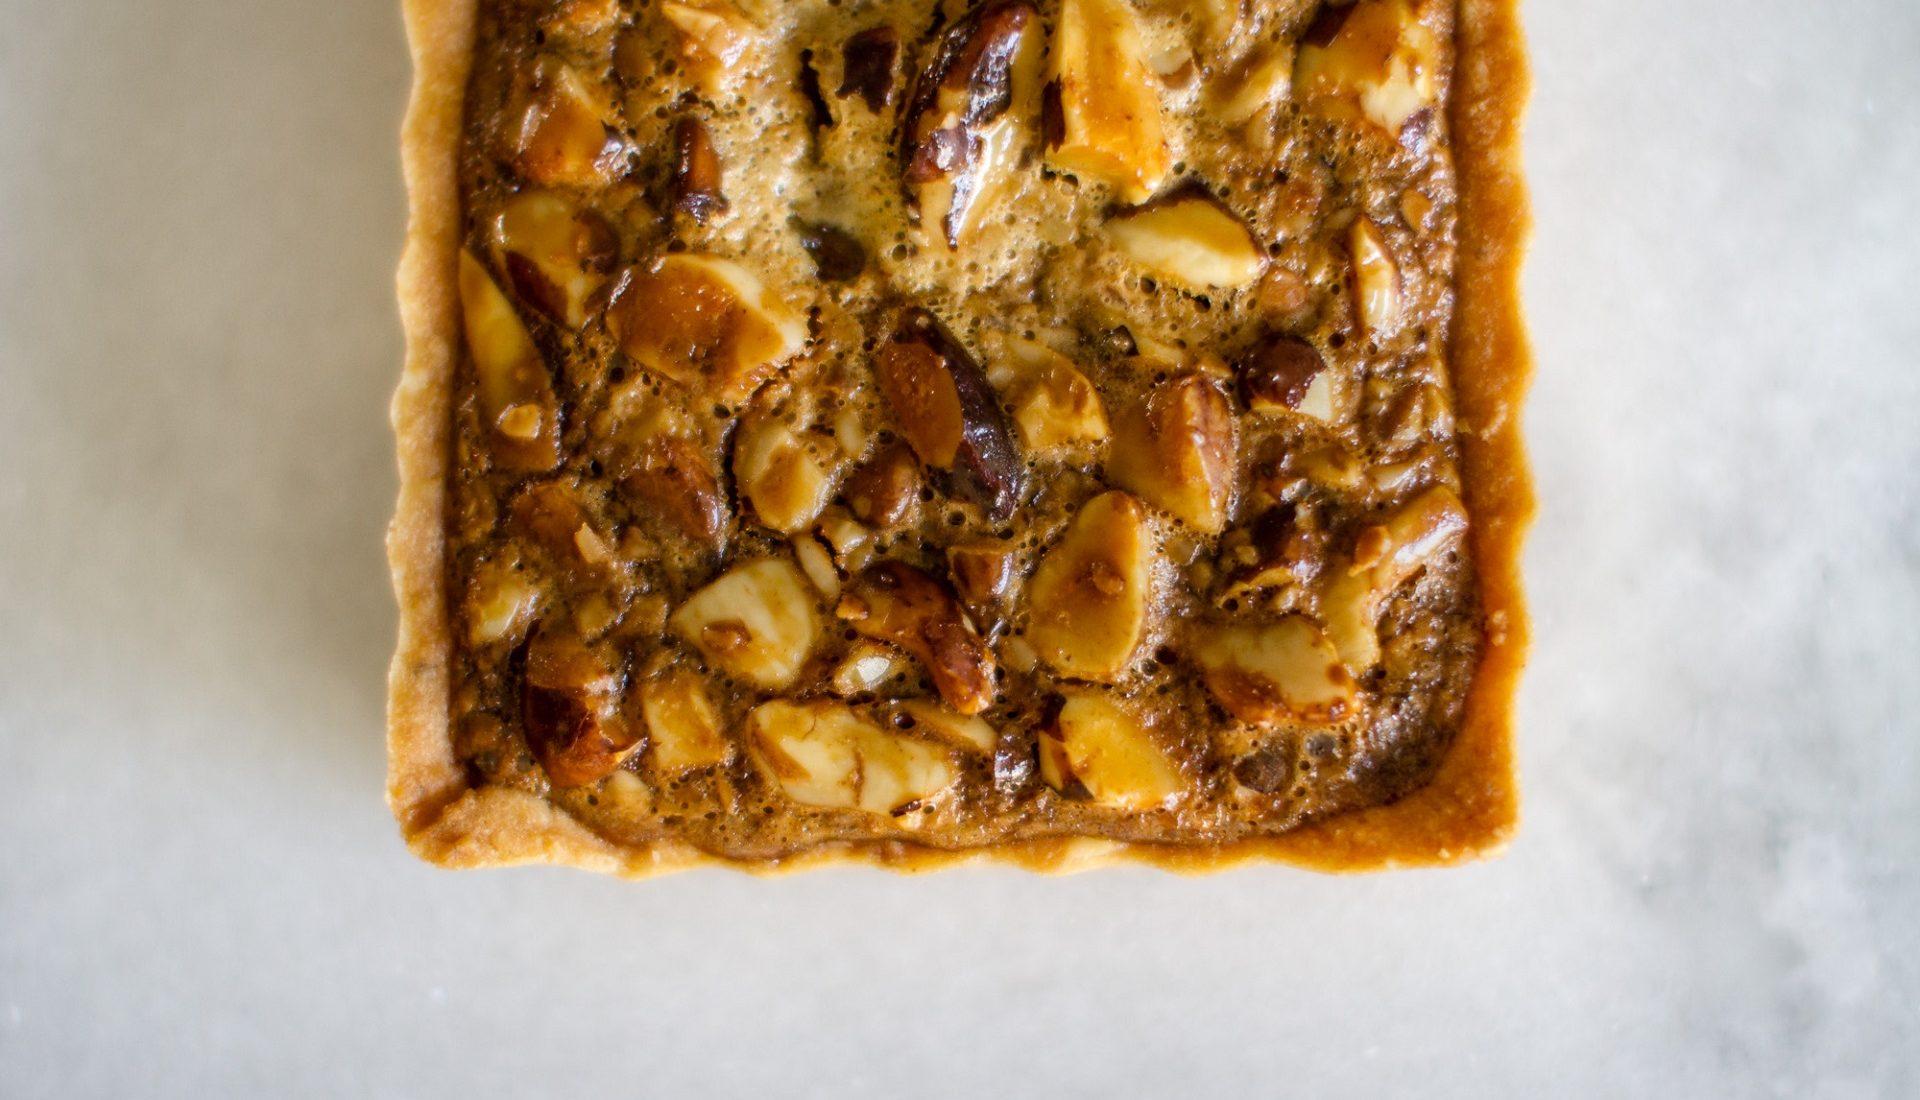 Torta cremosa de castanha do pará